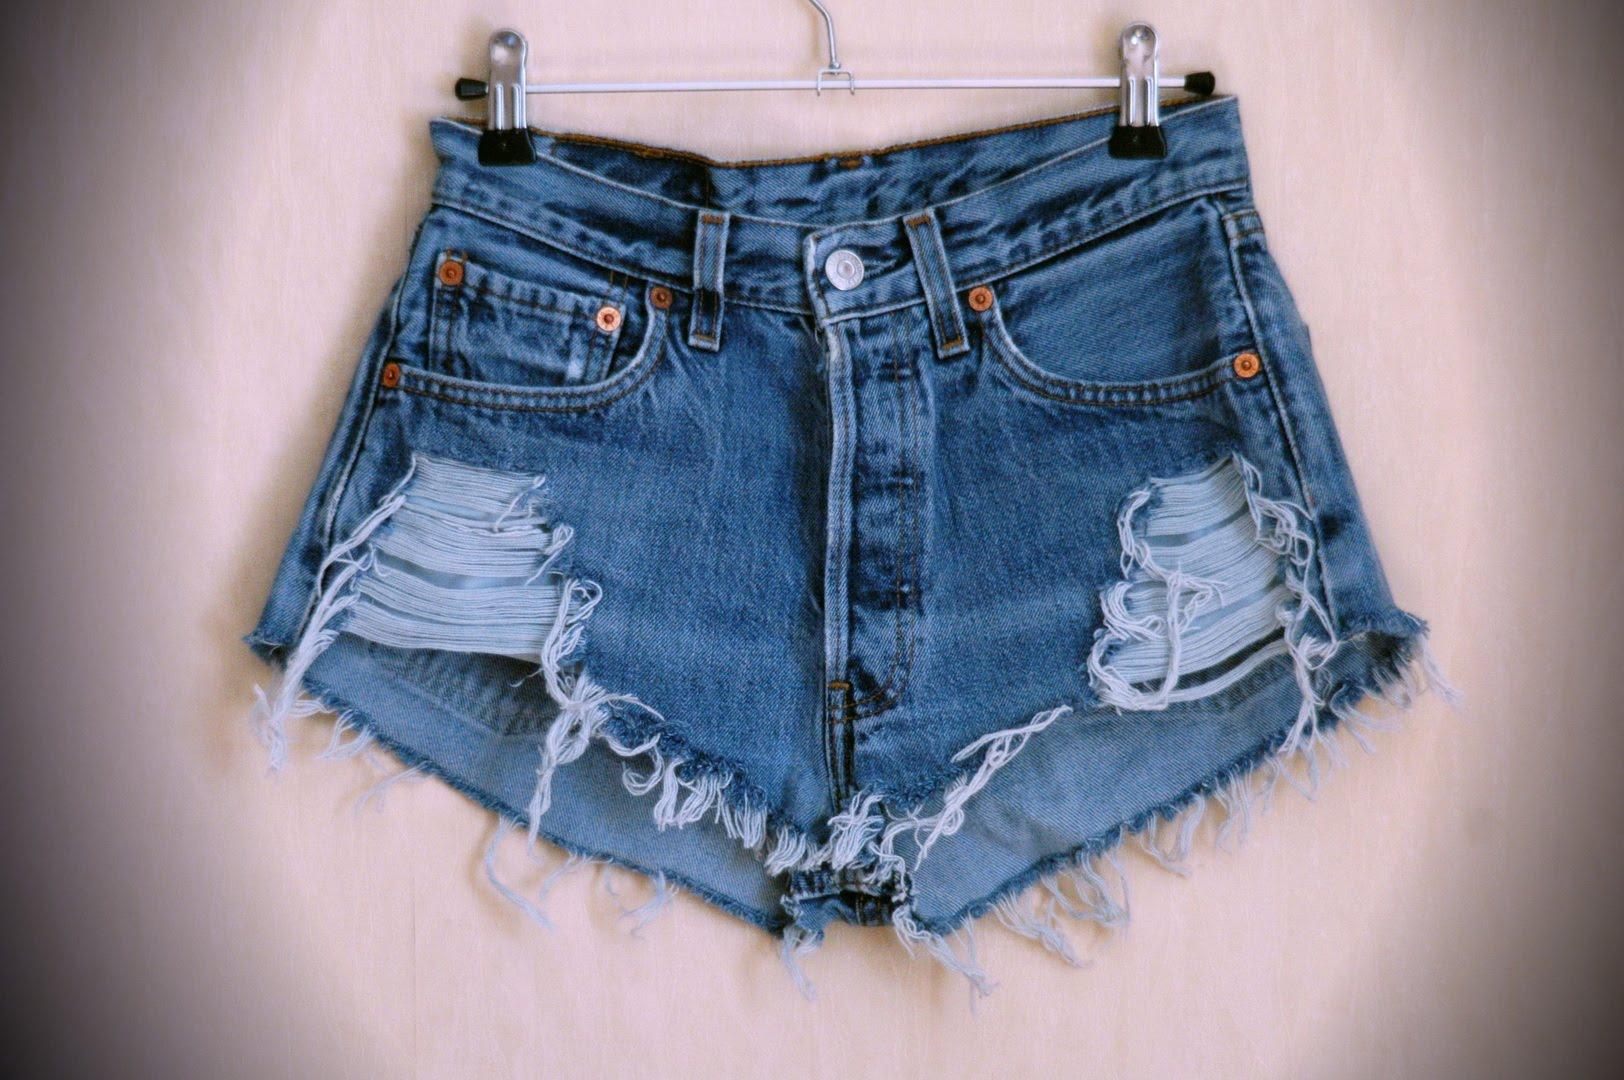 Шорты из джинс мастер класс сделай сам #8